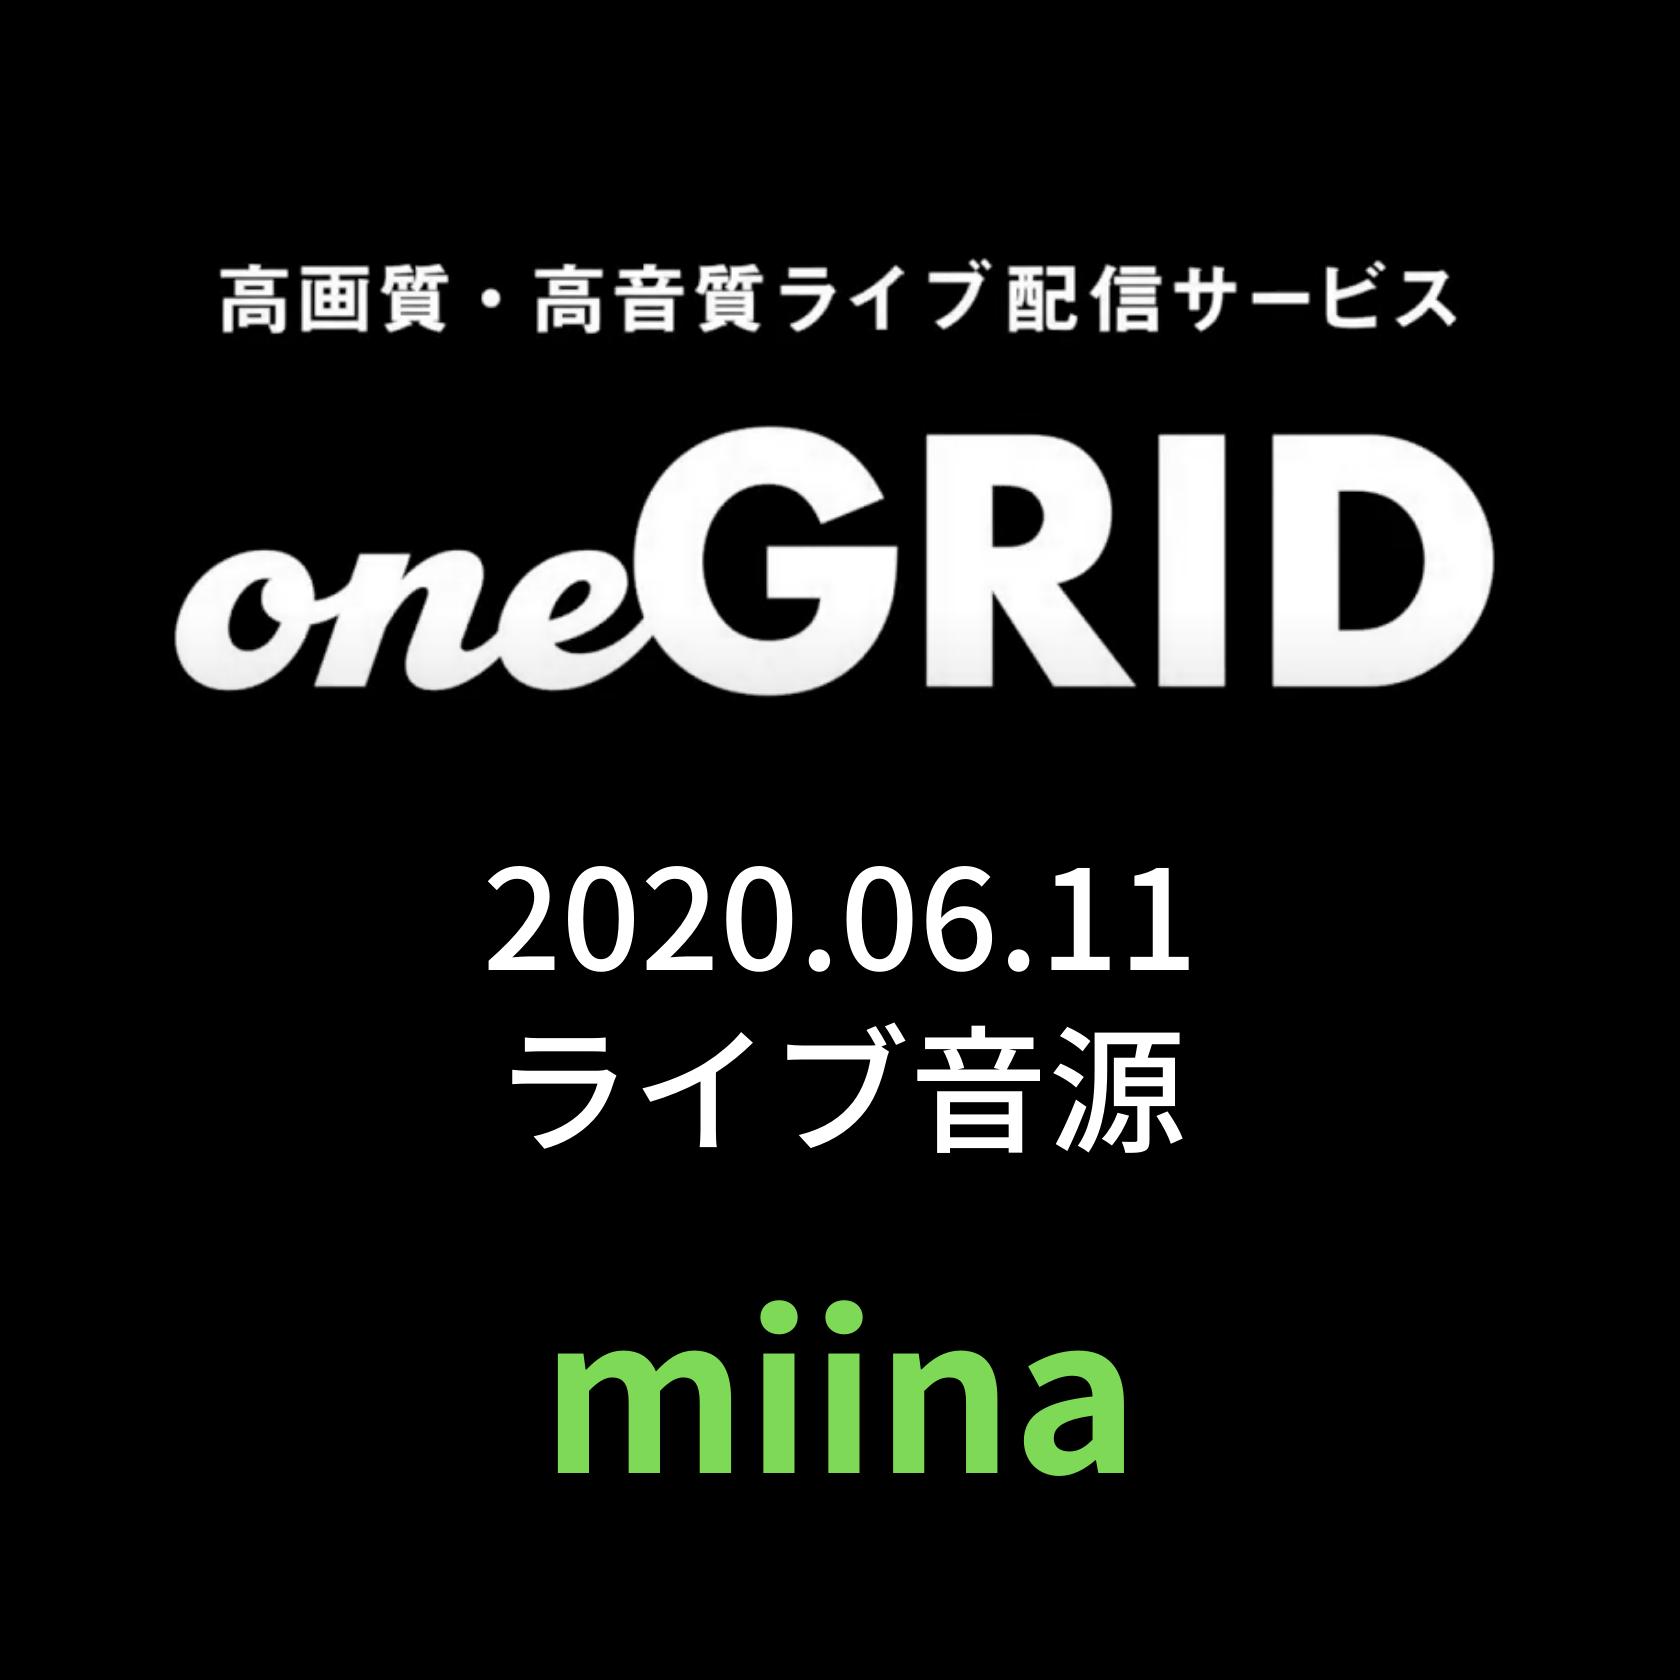 6/11 miina Live音源